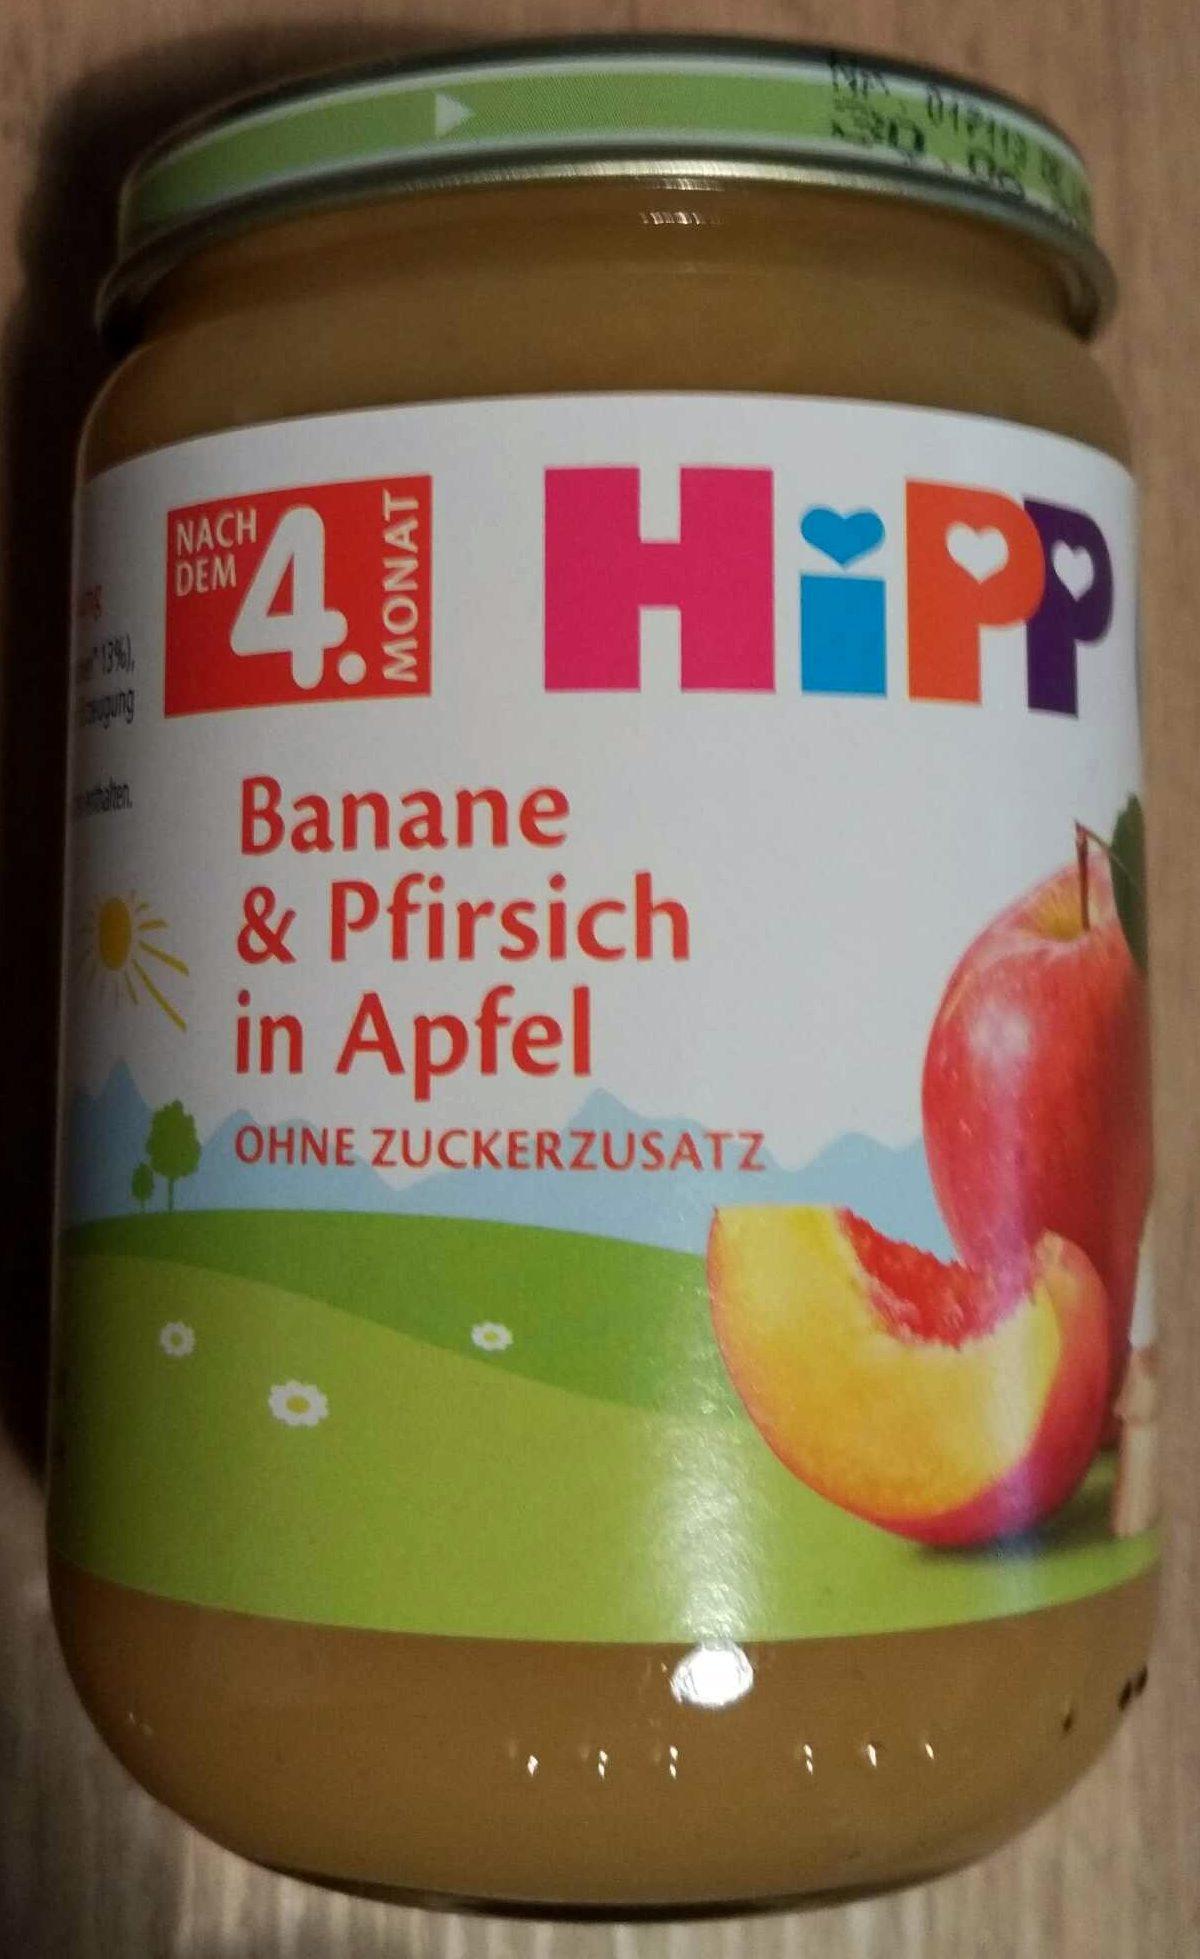 Banane & Pfirsich in Apfel - Produkt